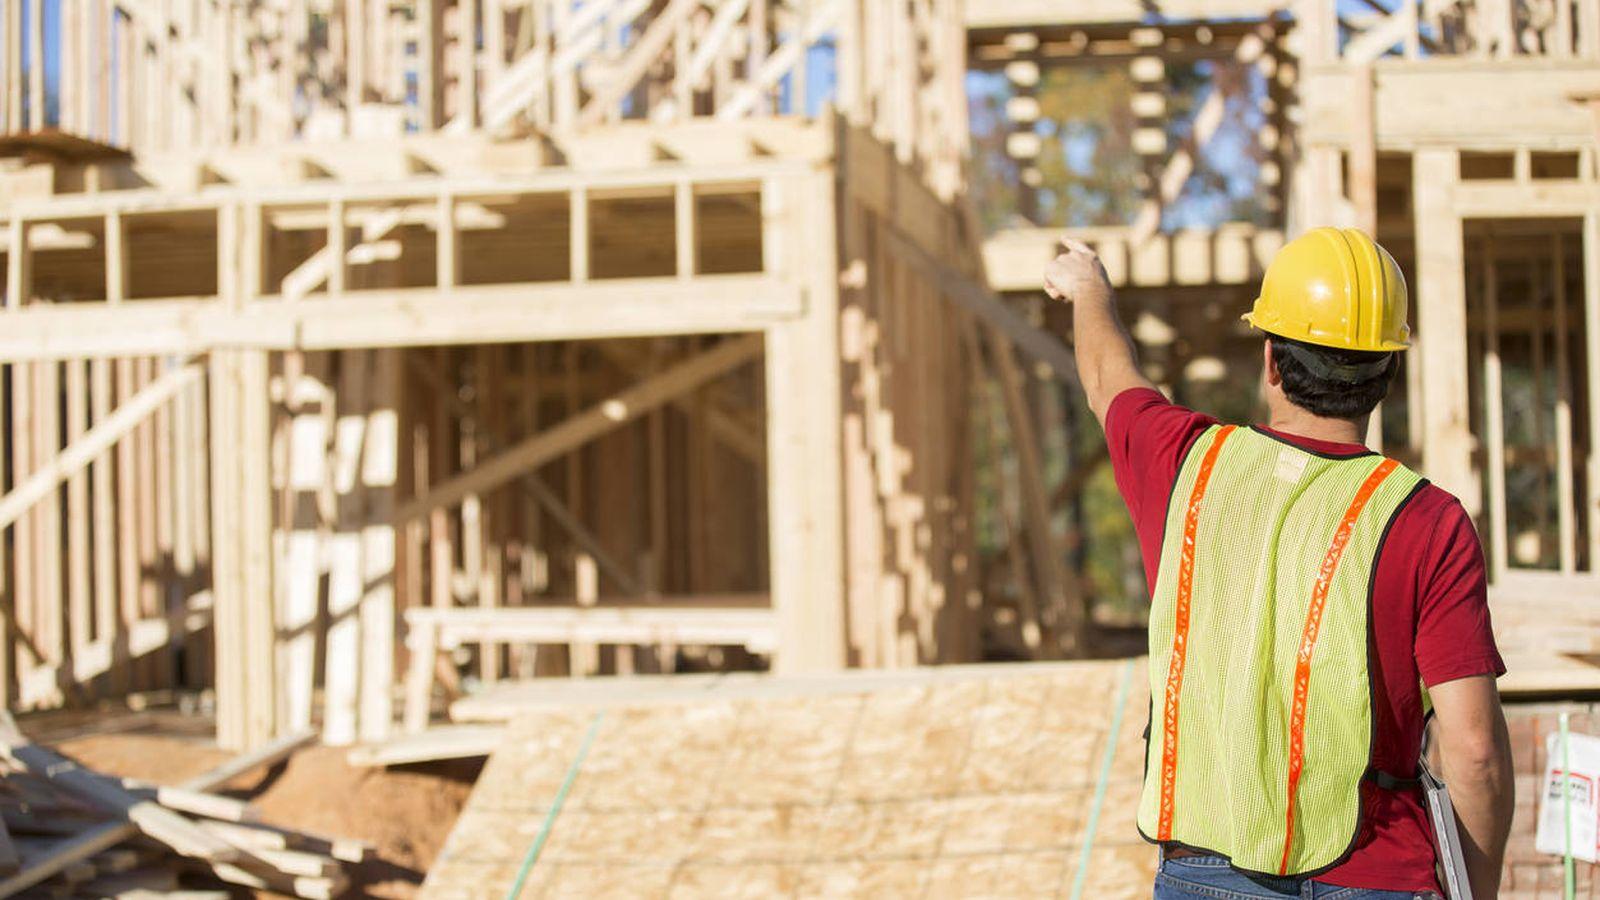 Vivienda: Construir tu propia casa, la última moda tras la crisis ...